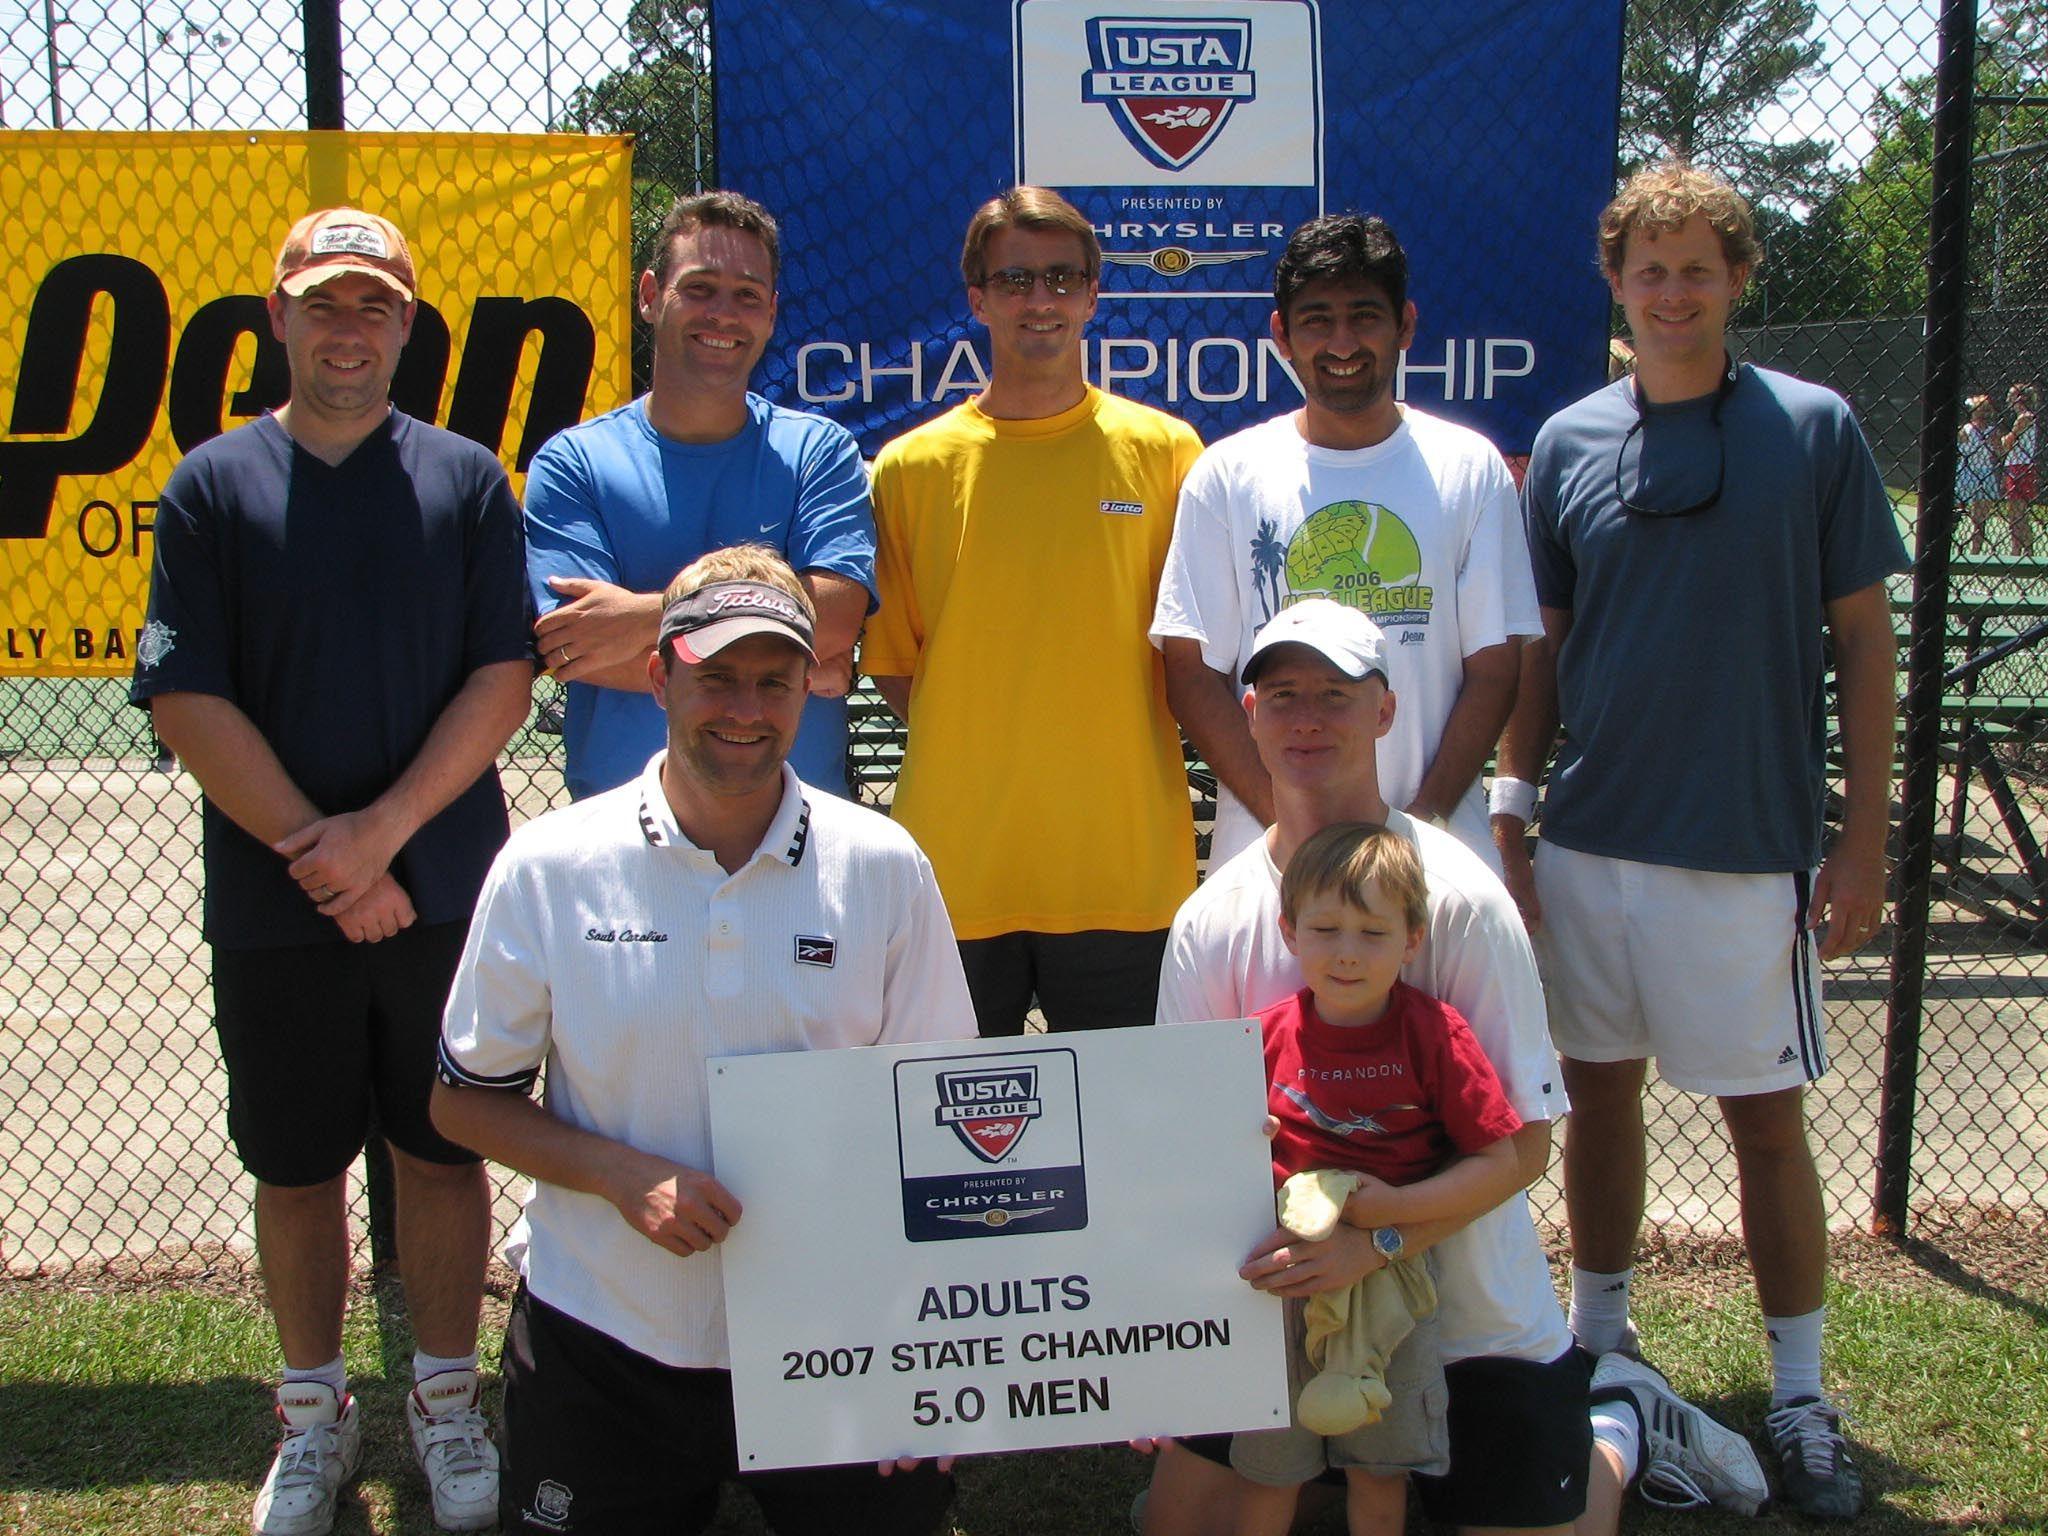 2007 5.0 Adult men Champs